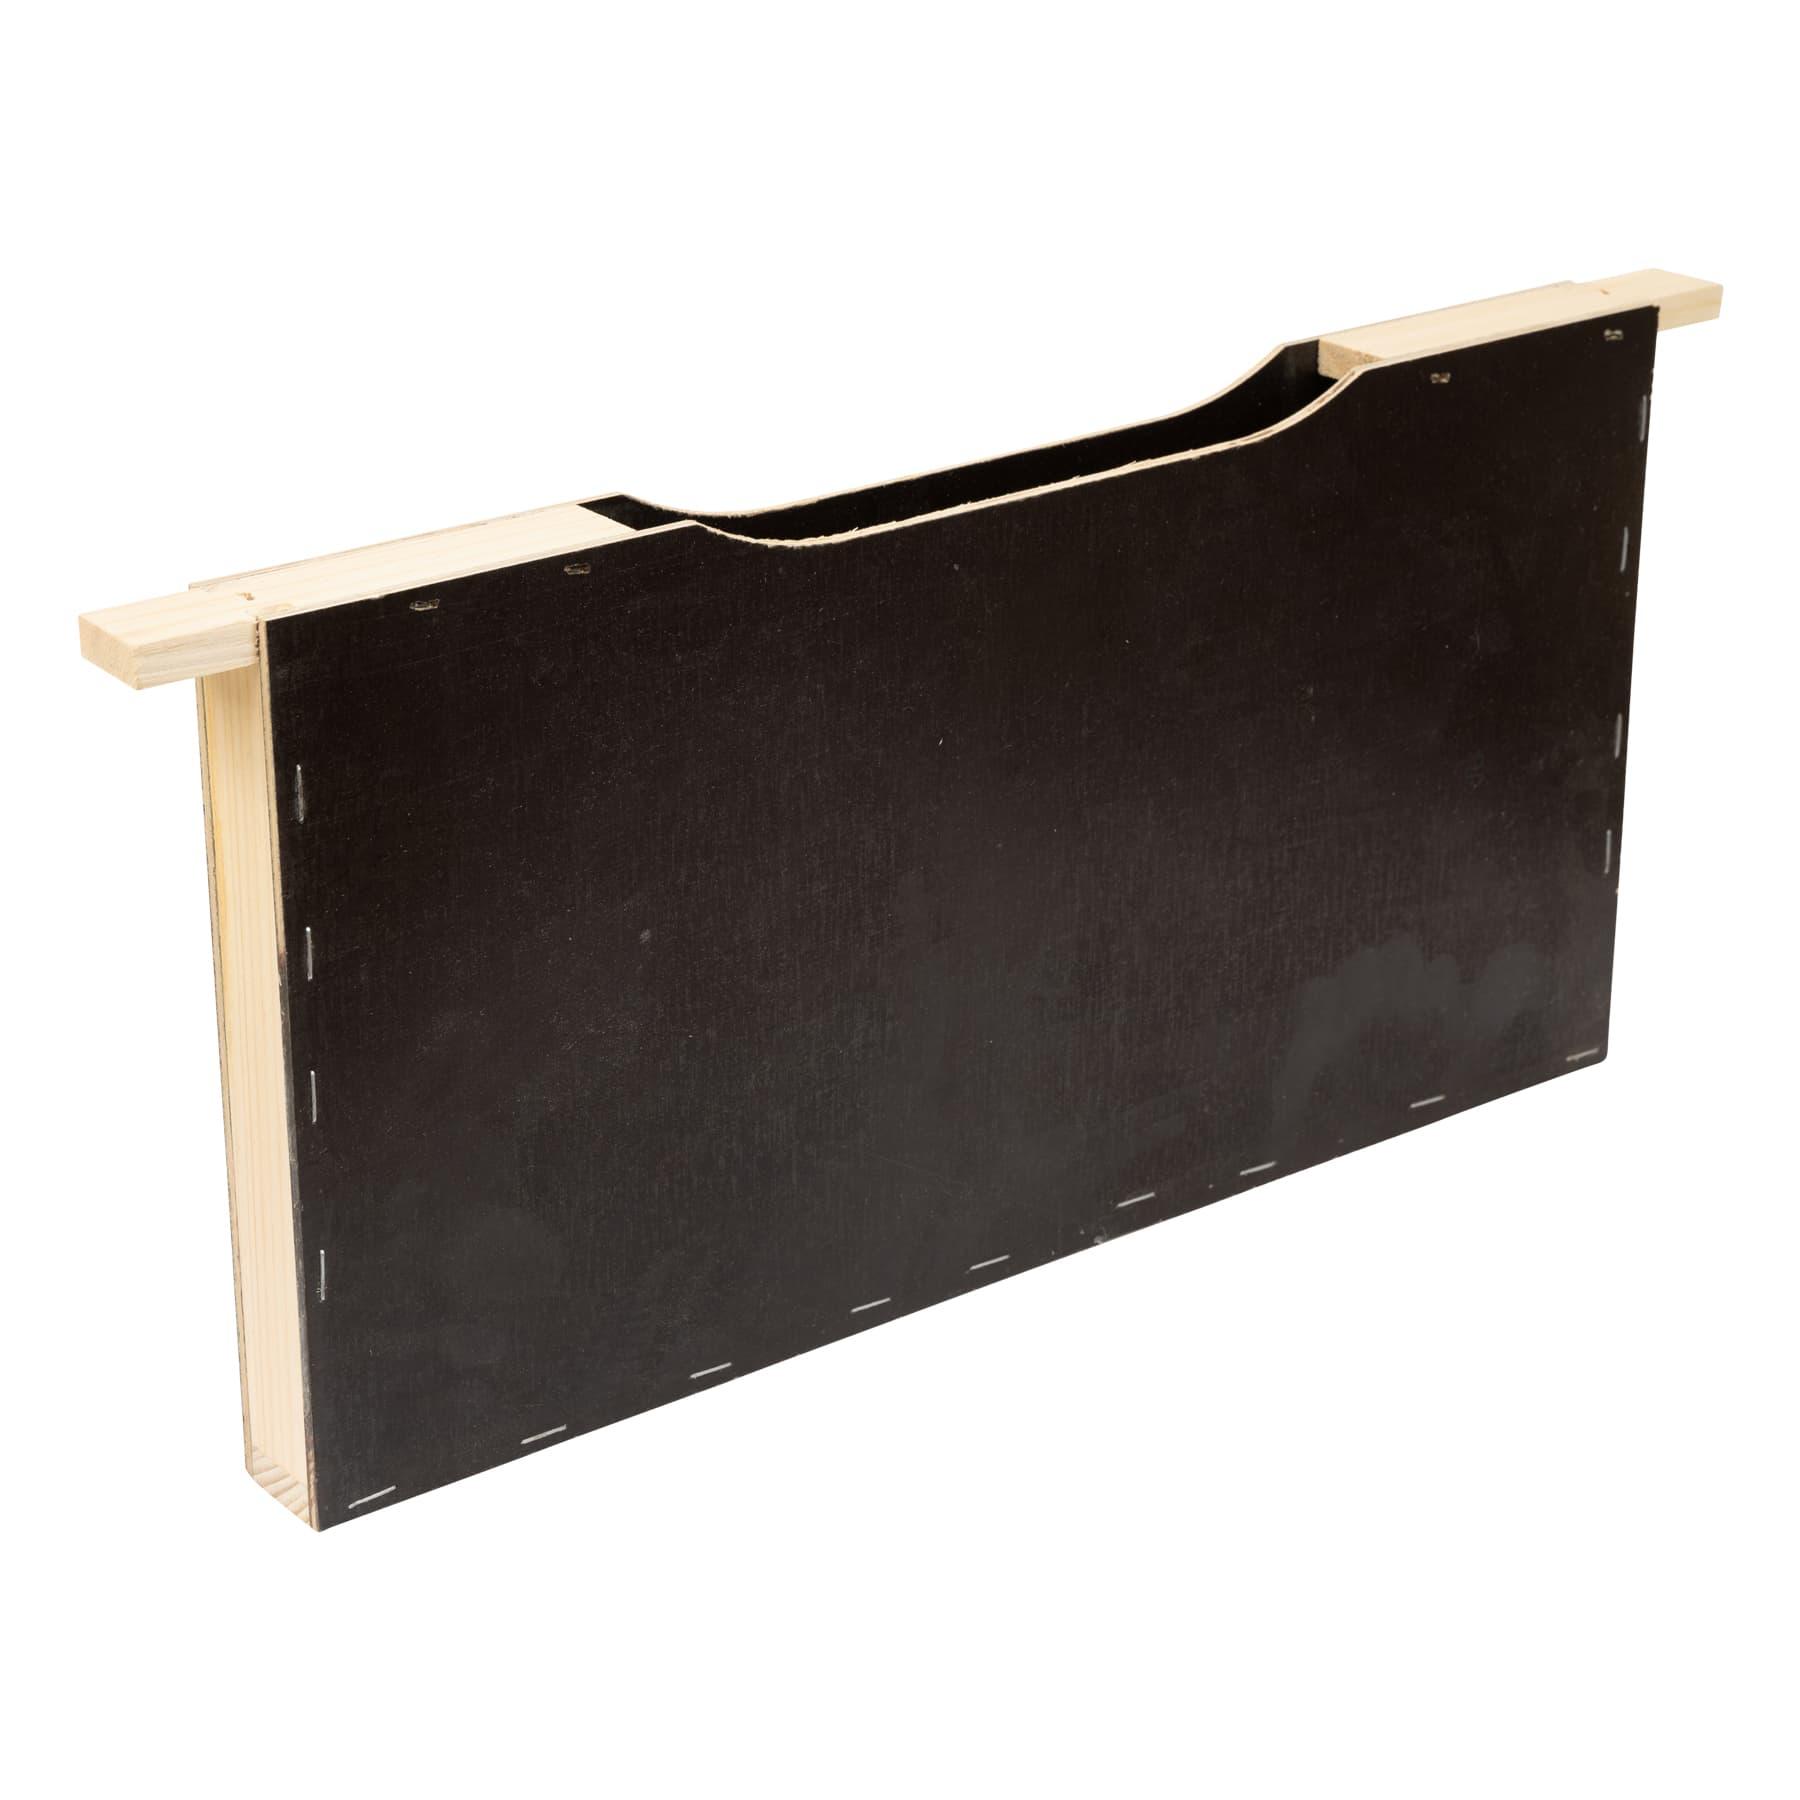 Futtertasche Holz Zander 1 Wabe, Breite ca. 3,3 cm